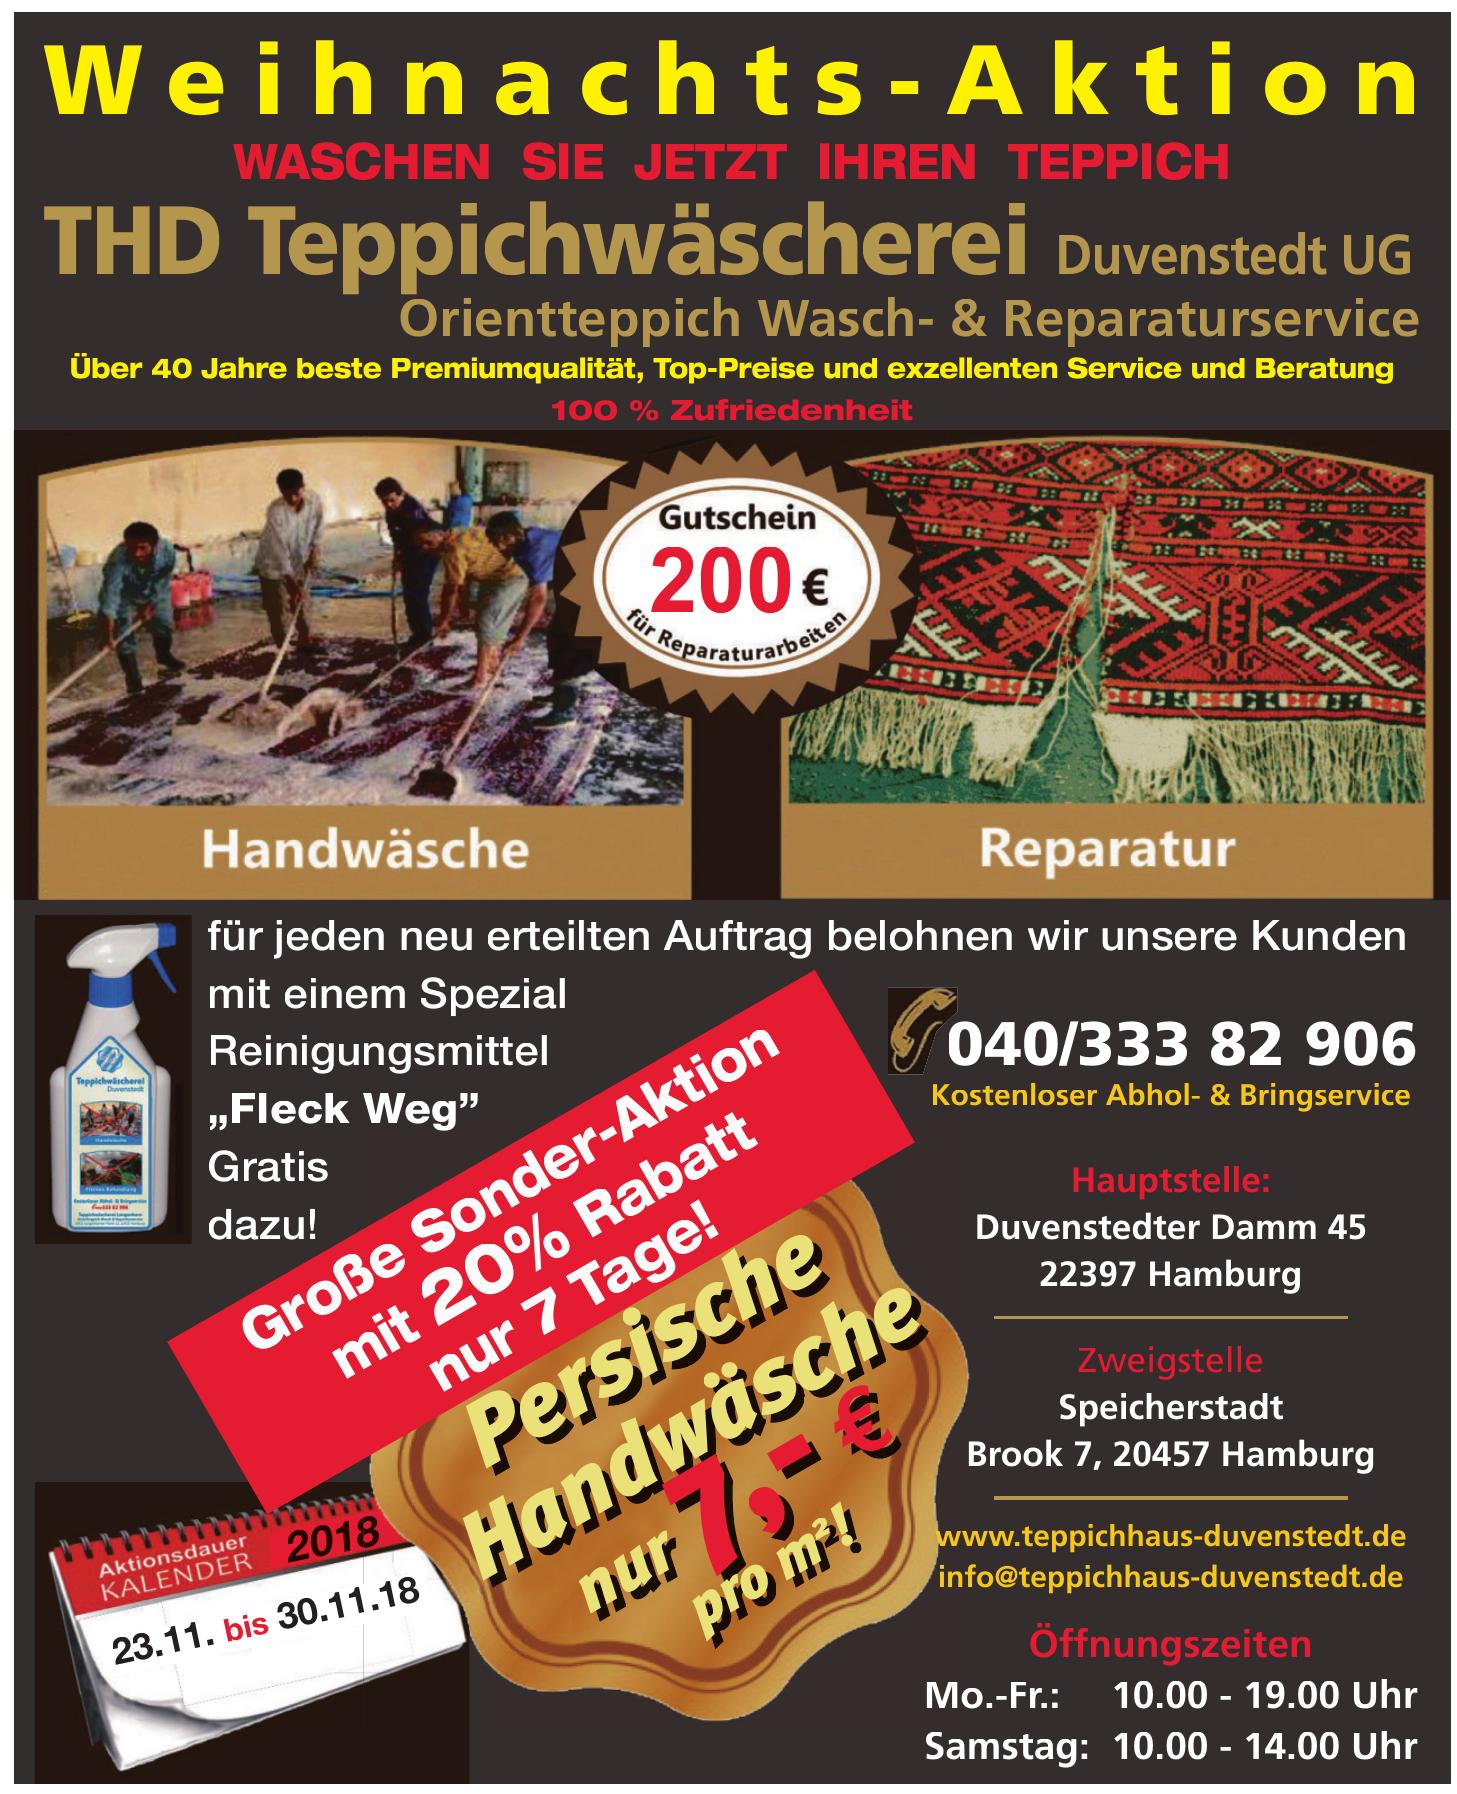 Teppichhaus Duvenstedt